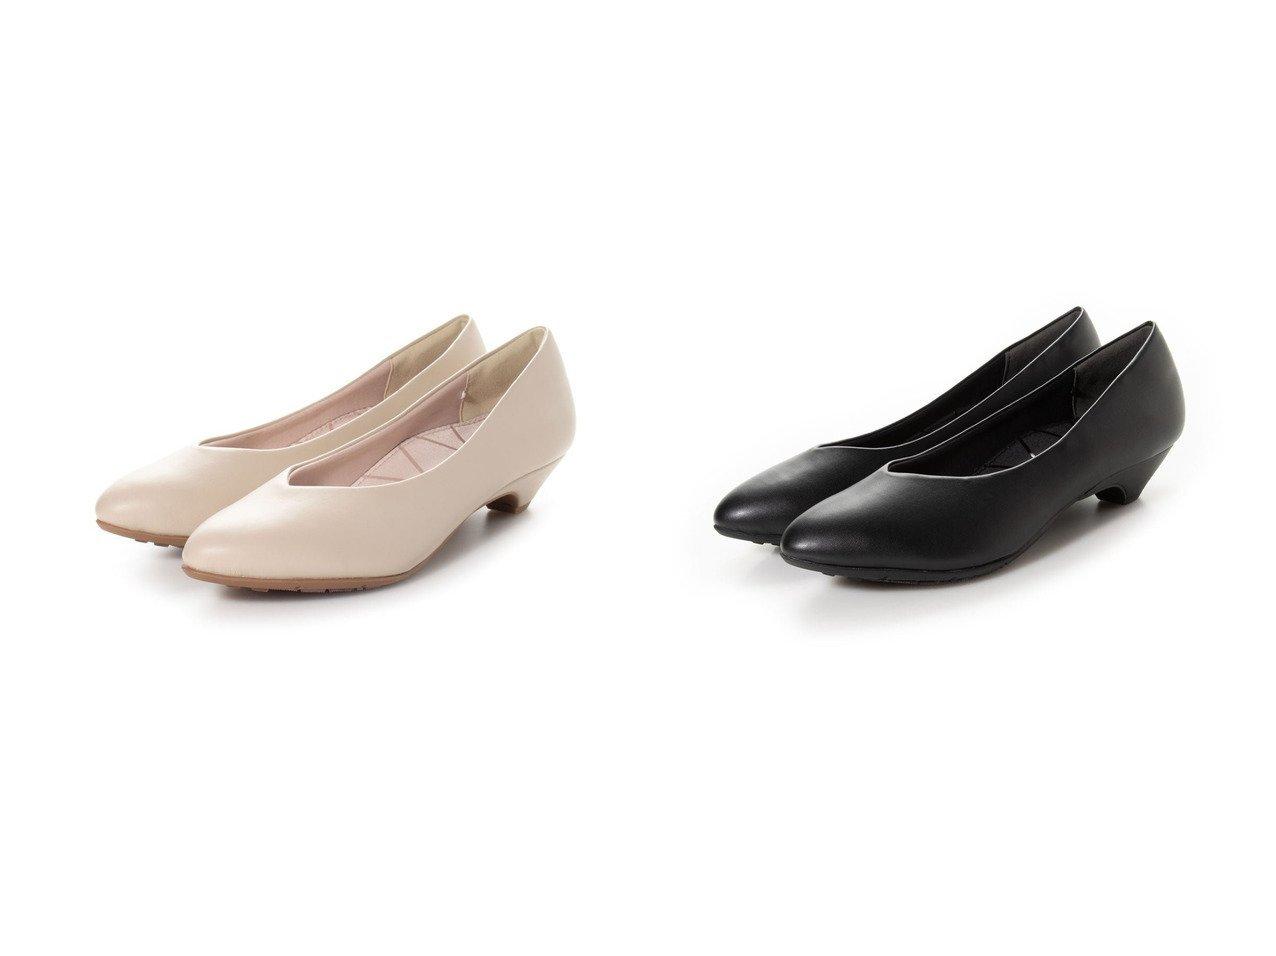 【LADY WORKER/レディワーカー】のビューティケアパンプス シューズ・靴のおすすめ!人気、トレンド・レディースファッションの通販  おすすめで人気の流行・トレンド、ファッションの通販商品 メンズファッション・キッズファッション・インテリア・家具・レディースファッション・服の通販 founy(ファニー) https://founy.com/ ファッション Fashion レディースファッション WOMEN 2021年 2021 2021 春夏 S/S SS Spring/Summer 2021 S/S 春夏 SS Spring/Summer 春 Spring |ID:crp329100000019302